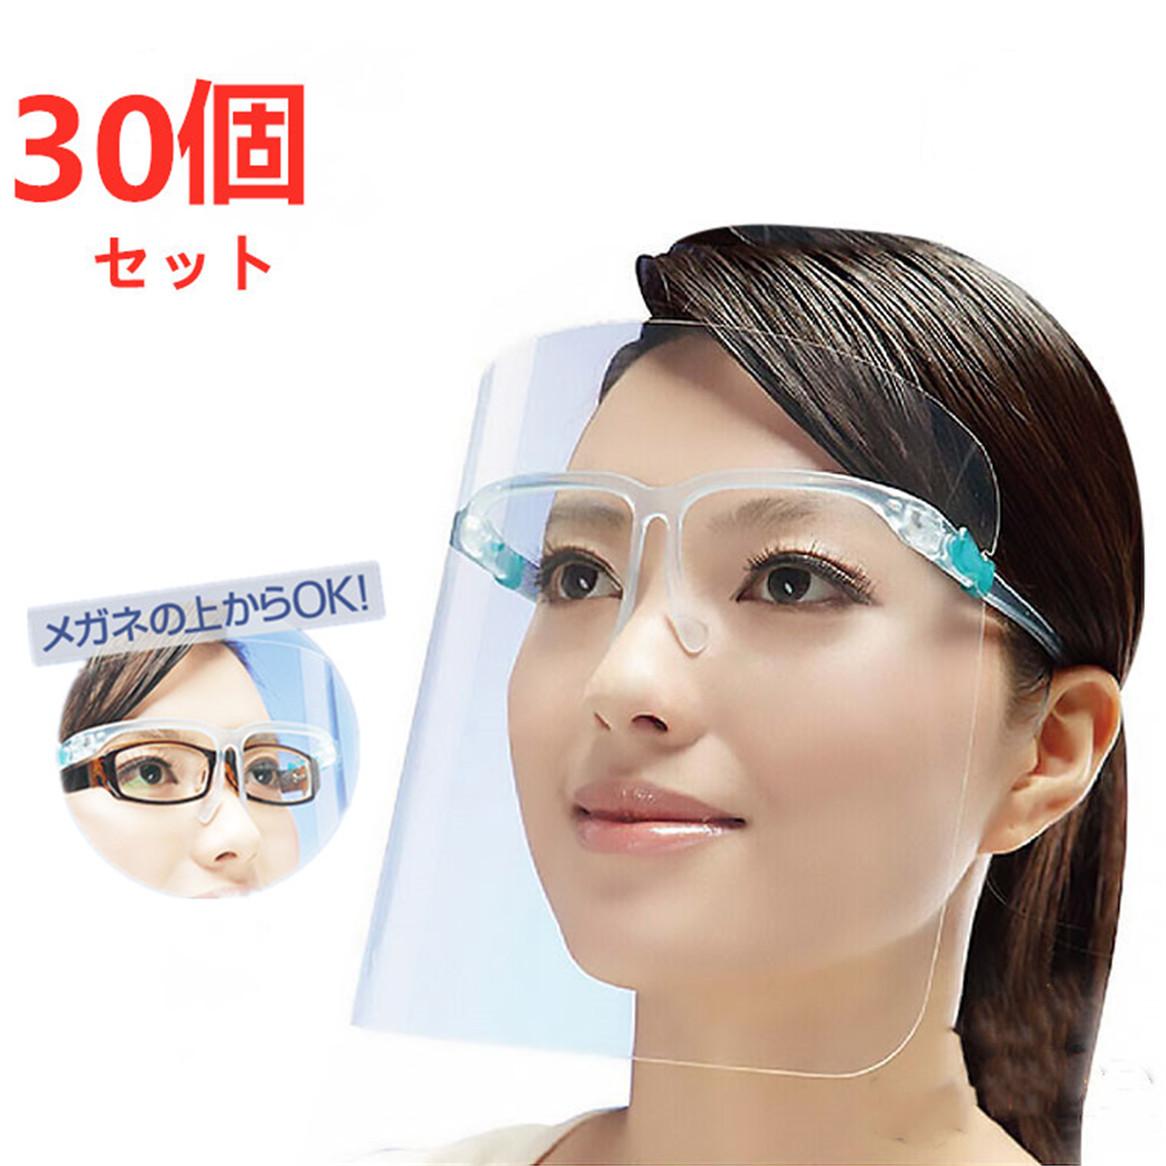 フェイスシールド 人気の製品 眼鏡型フェイスシールド メガネ式 スーパーセール 超安値 30枚セット フェイスガード目立たない 授与 メガネタイプ 飛沫防止 透明マスク 顔面保護マスク マスク併用 フェイスカバー 曇り止め 軽い 防護マスク スプラッシュシールド